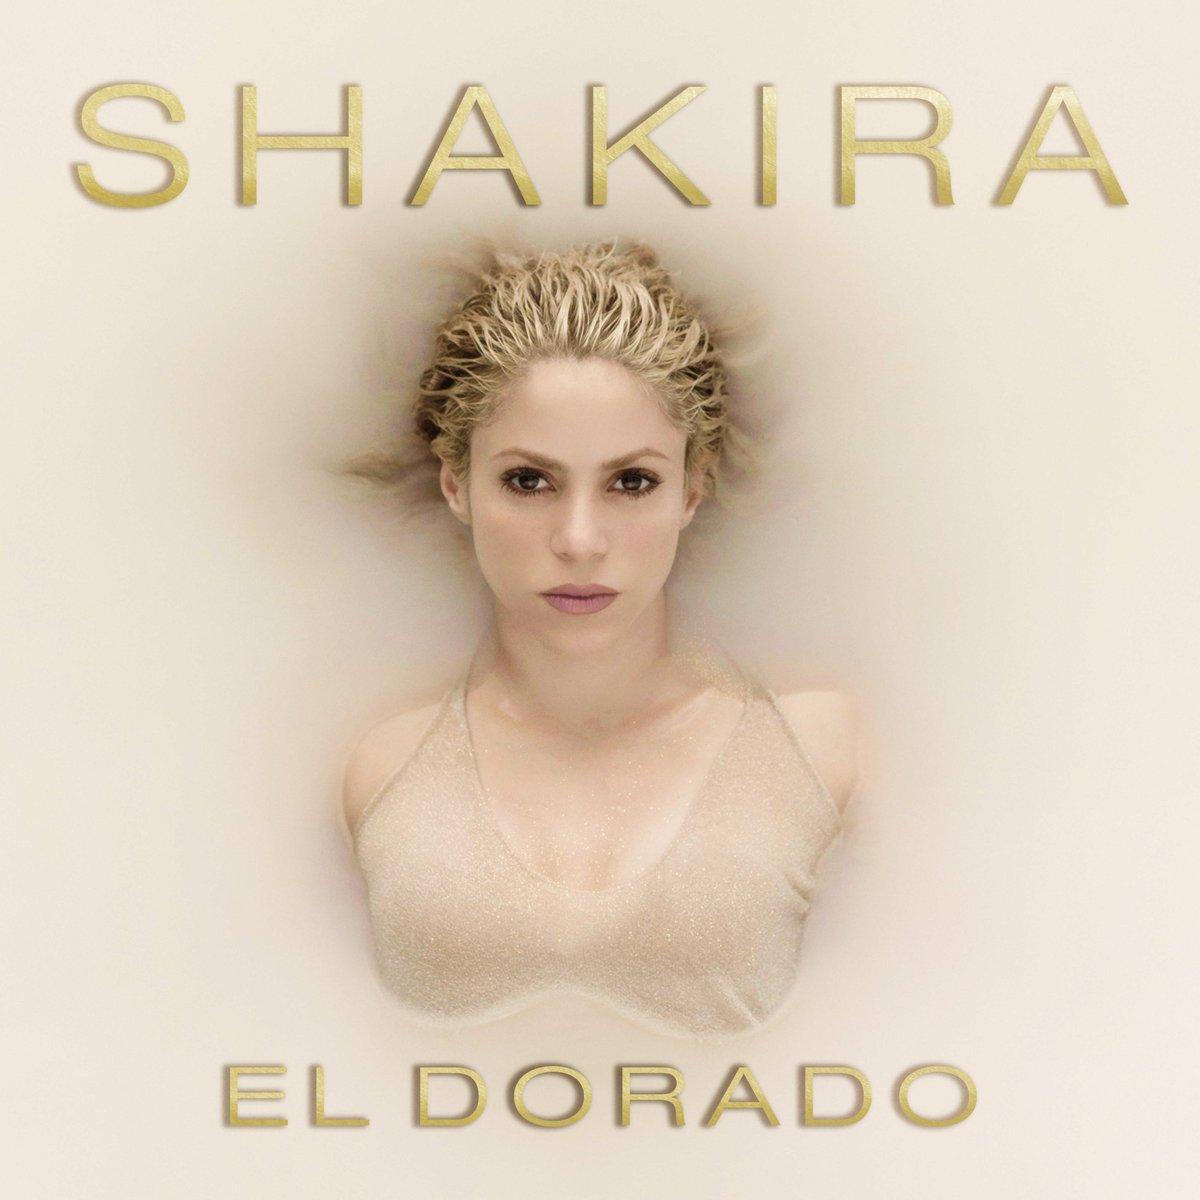 #TT ¿Por qué todos están hablando de Shakira?